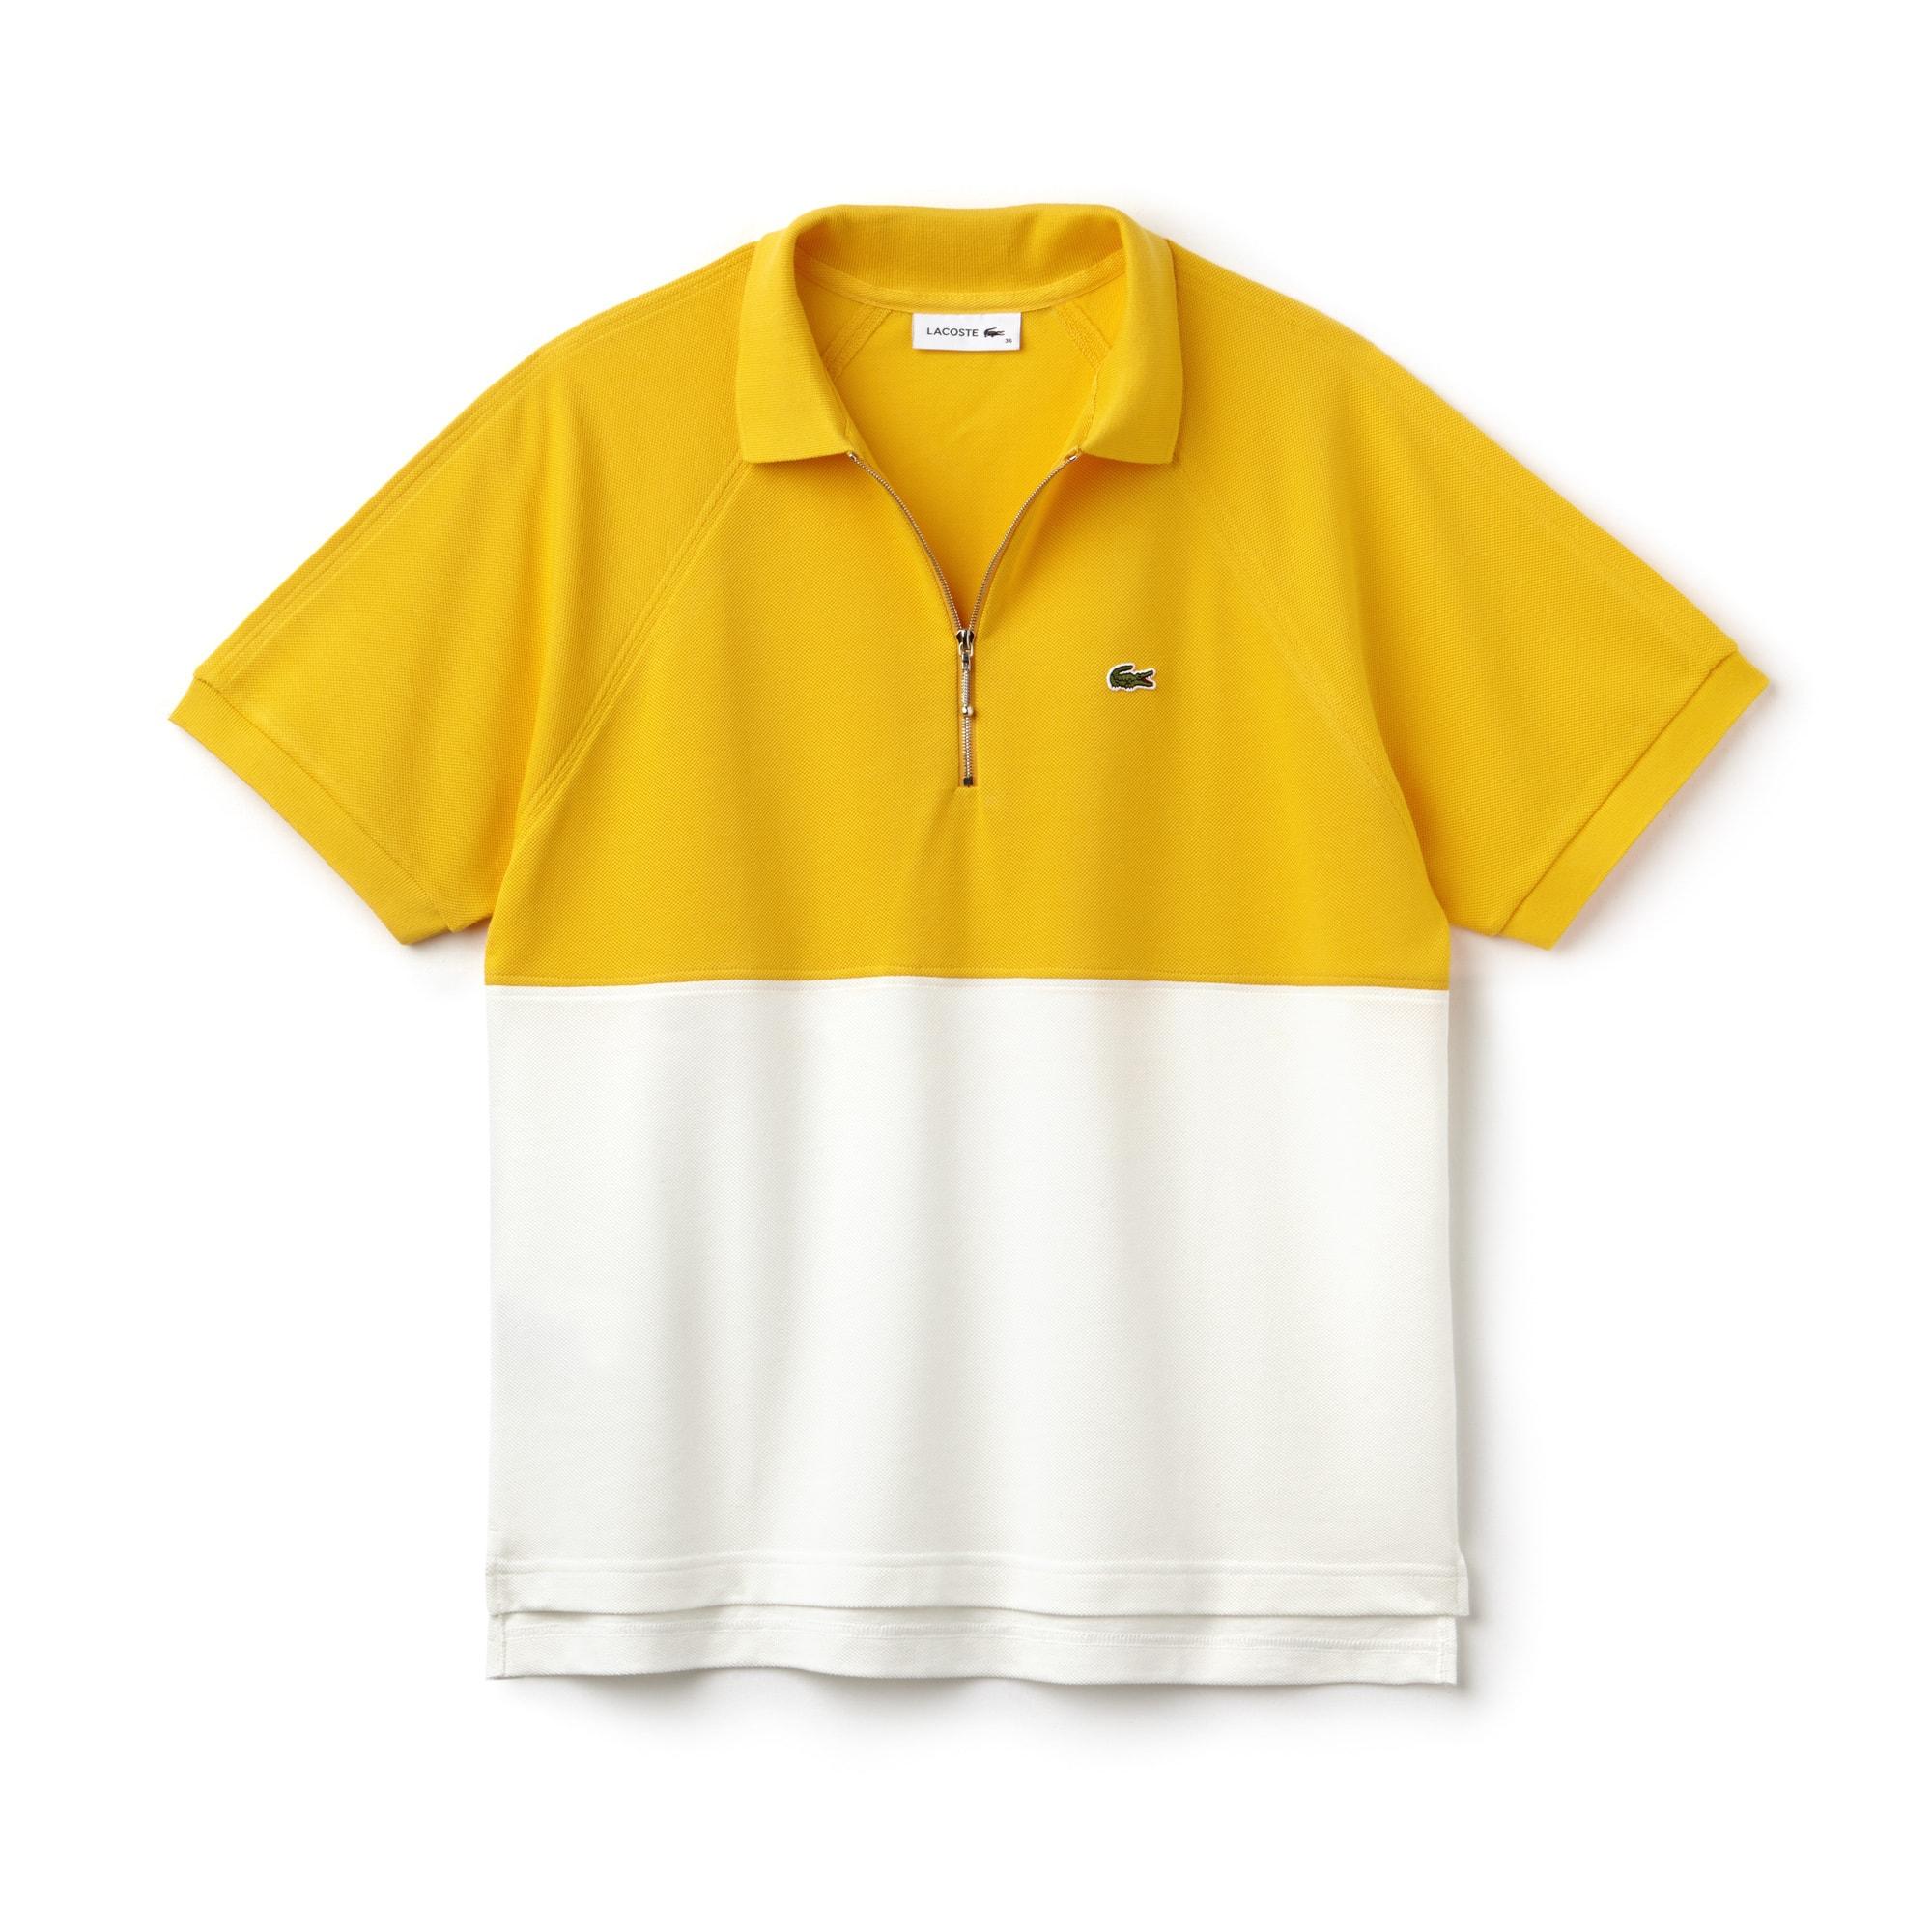 قميص بولو نسائي من لاكوست بمقاس ضيق وبتصميم متصادم الألوان في خامة بيتي بيكيه القطنية